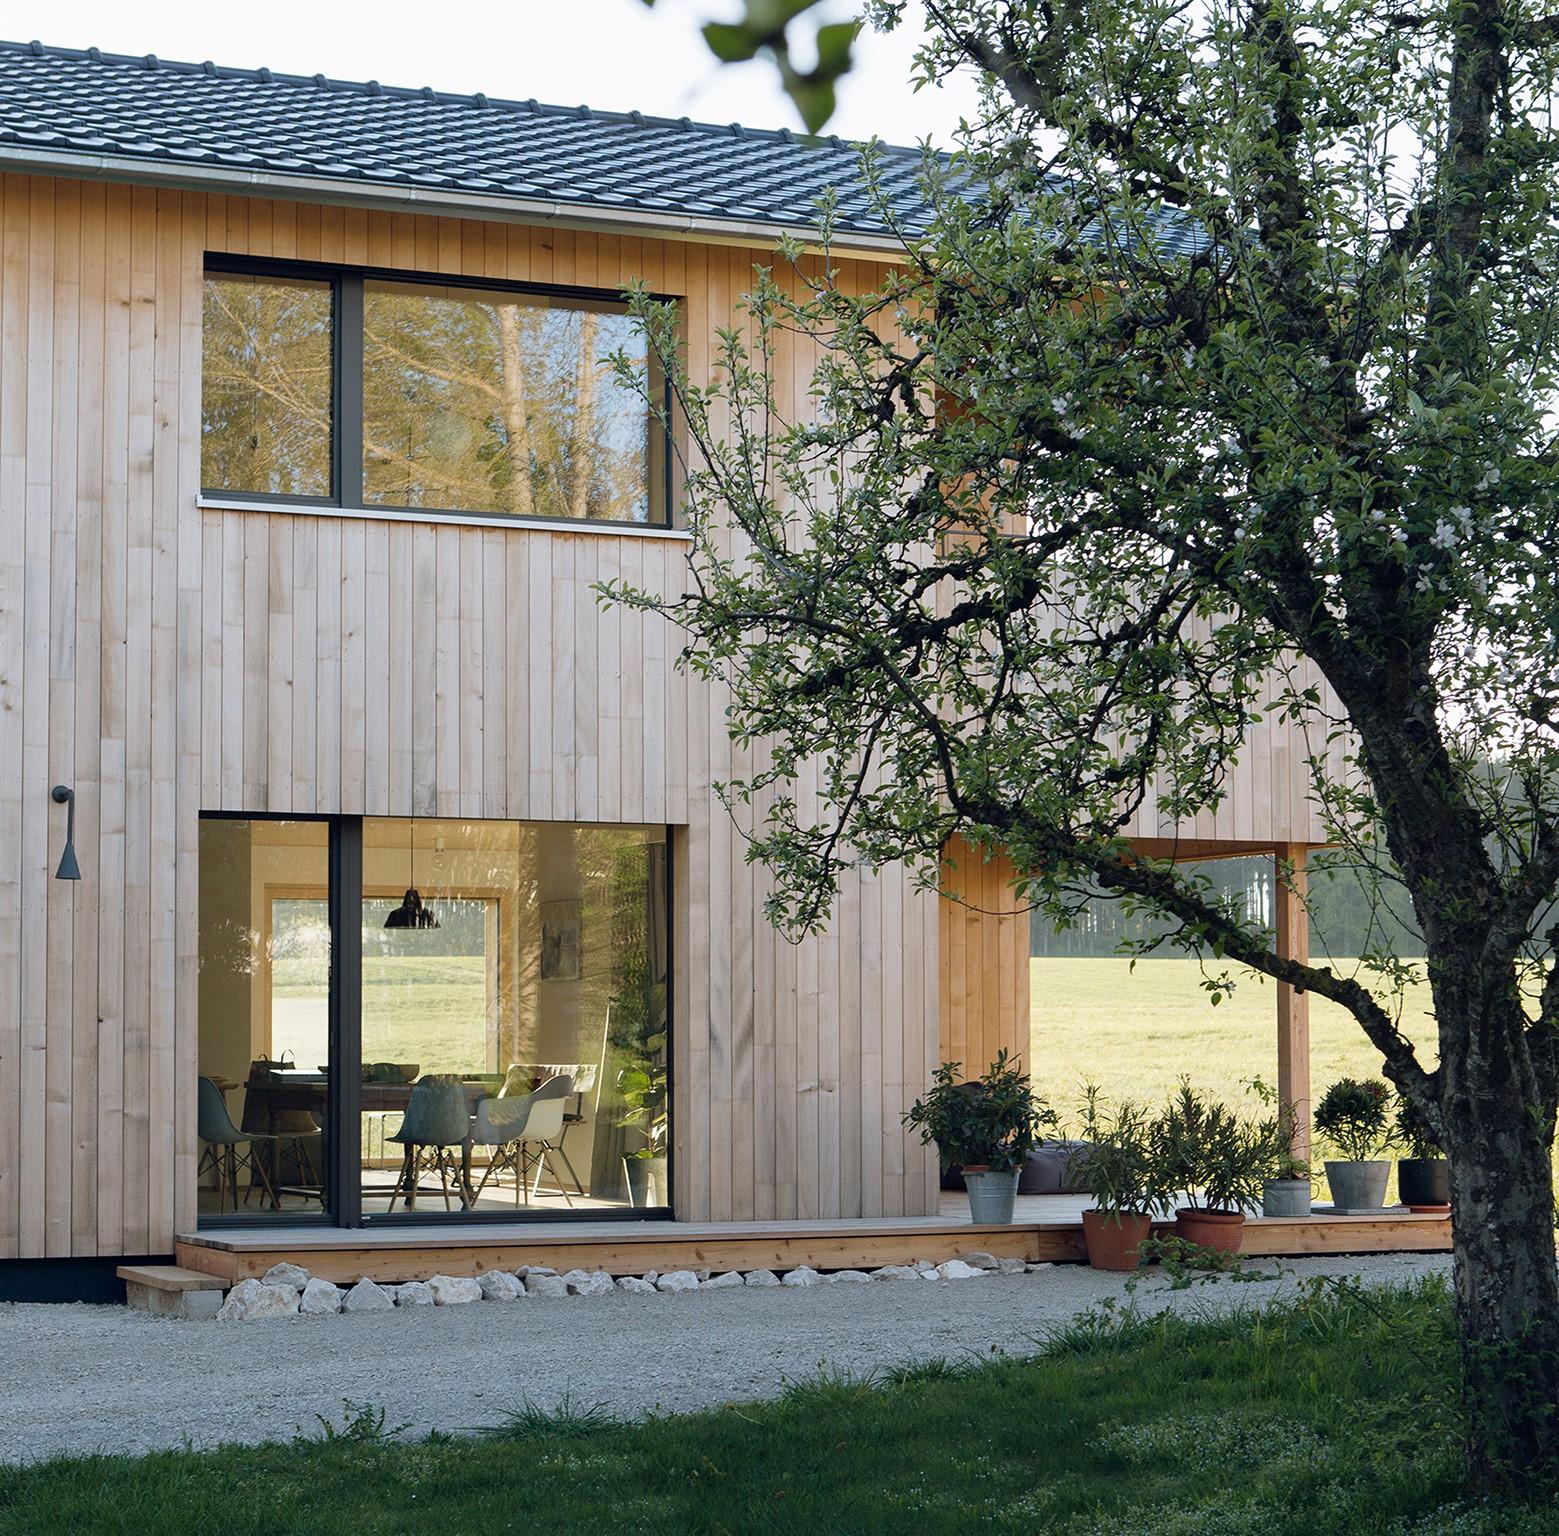 Appartement de vacances Schmidhuber - Ferienhaus im Obstanger (DE Chieming). Ferienwohnung MAX - 1-4 Personen, 2 s (2597106), Chieming, Lac de Chiem, Bavière, Allemagne, image 1